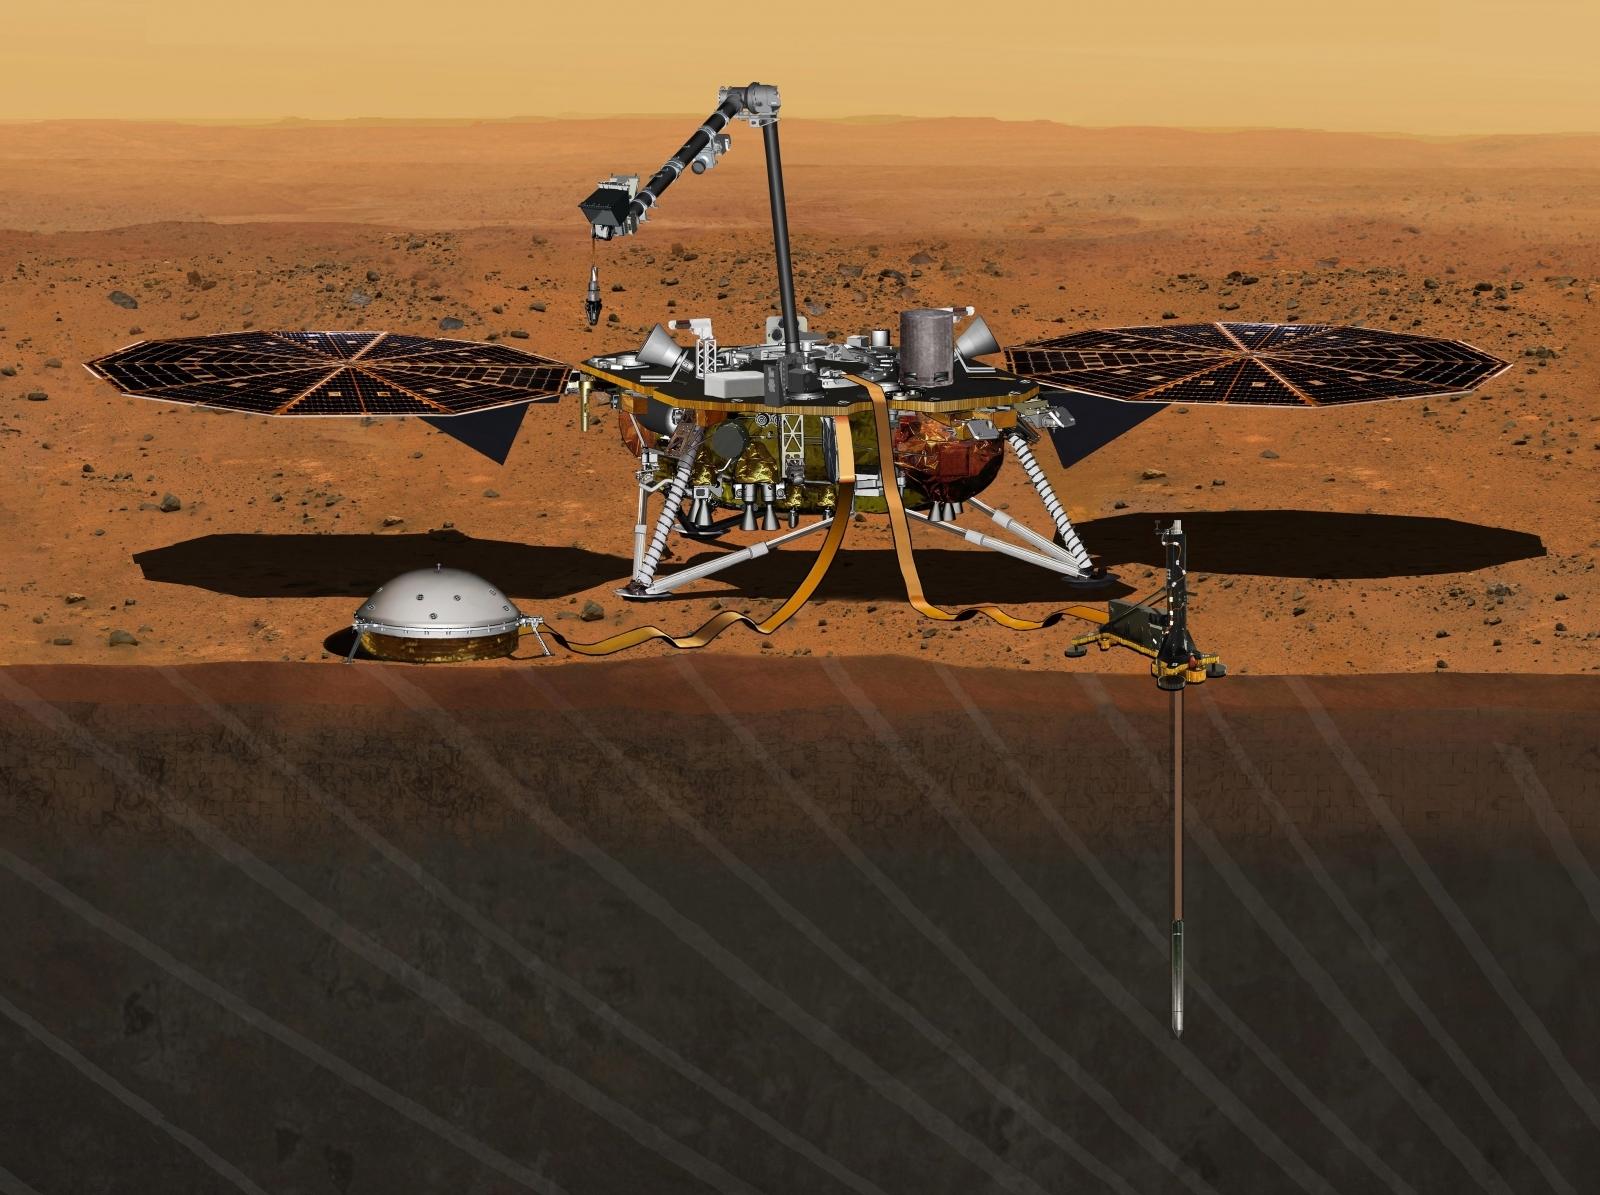 Mars InSight mission lander